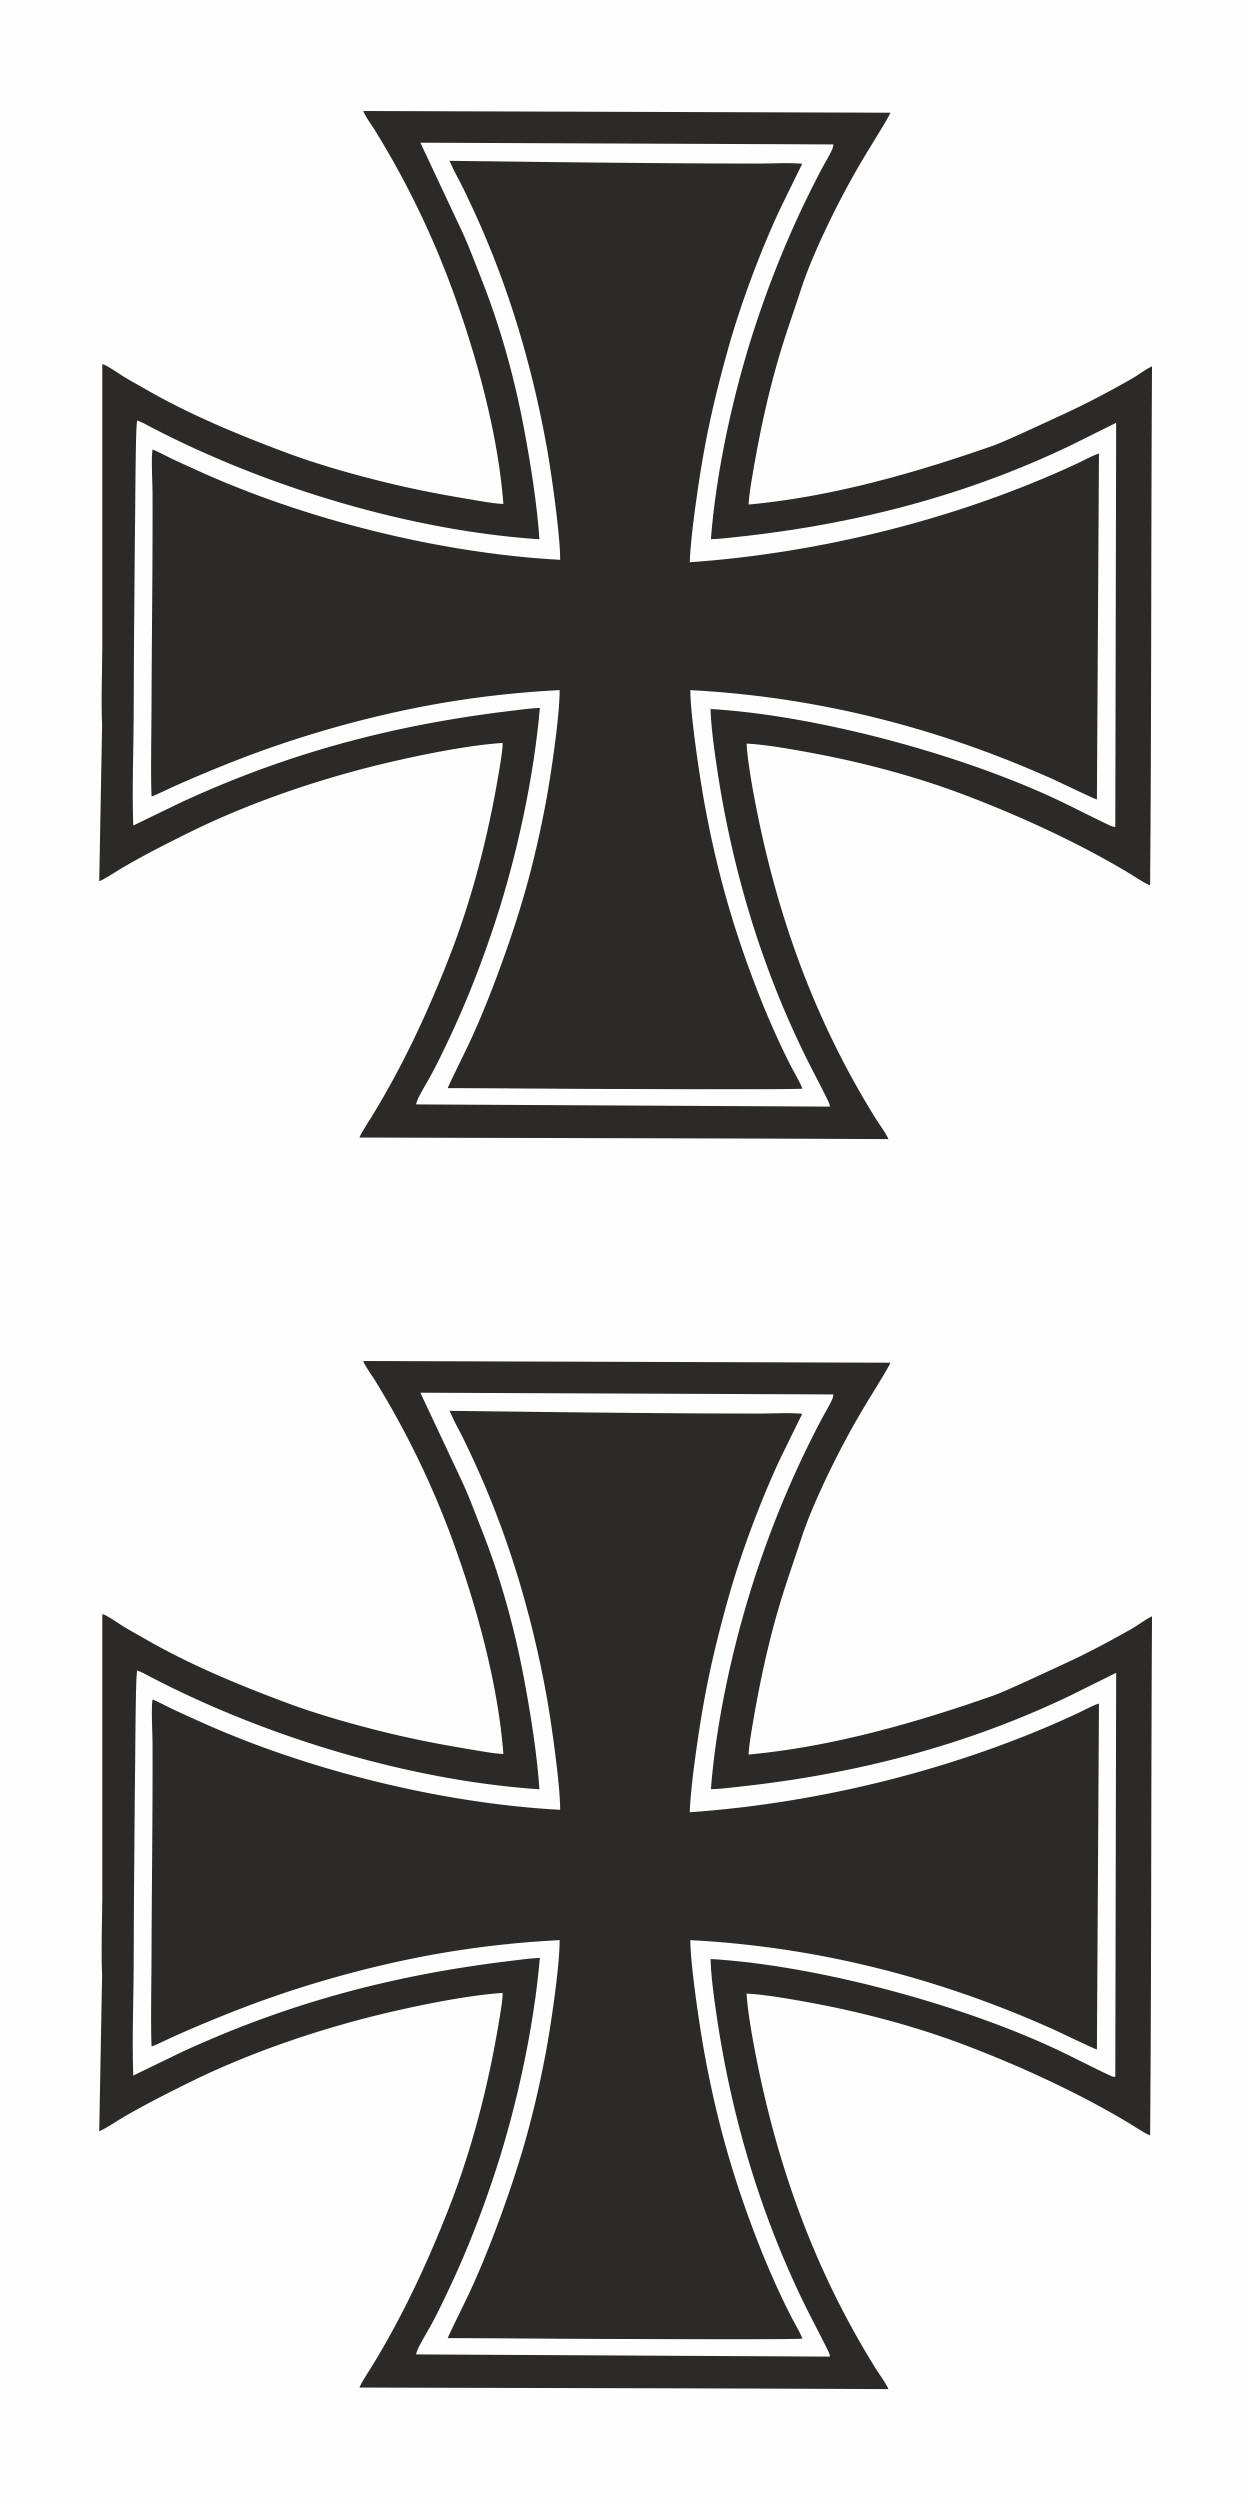 Aufkleber Eisernes Kreuz 60 x 45 mm 2er-Set  – Bild 1